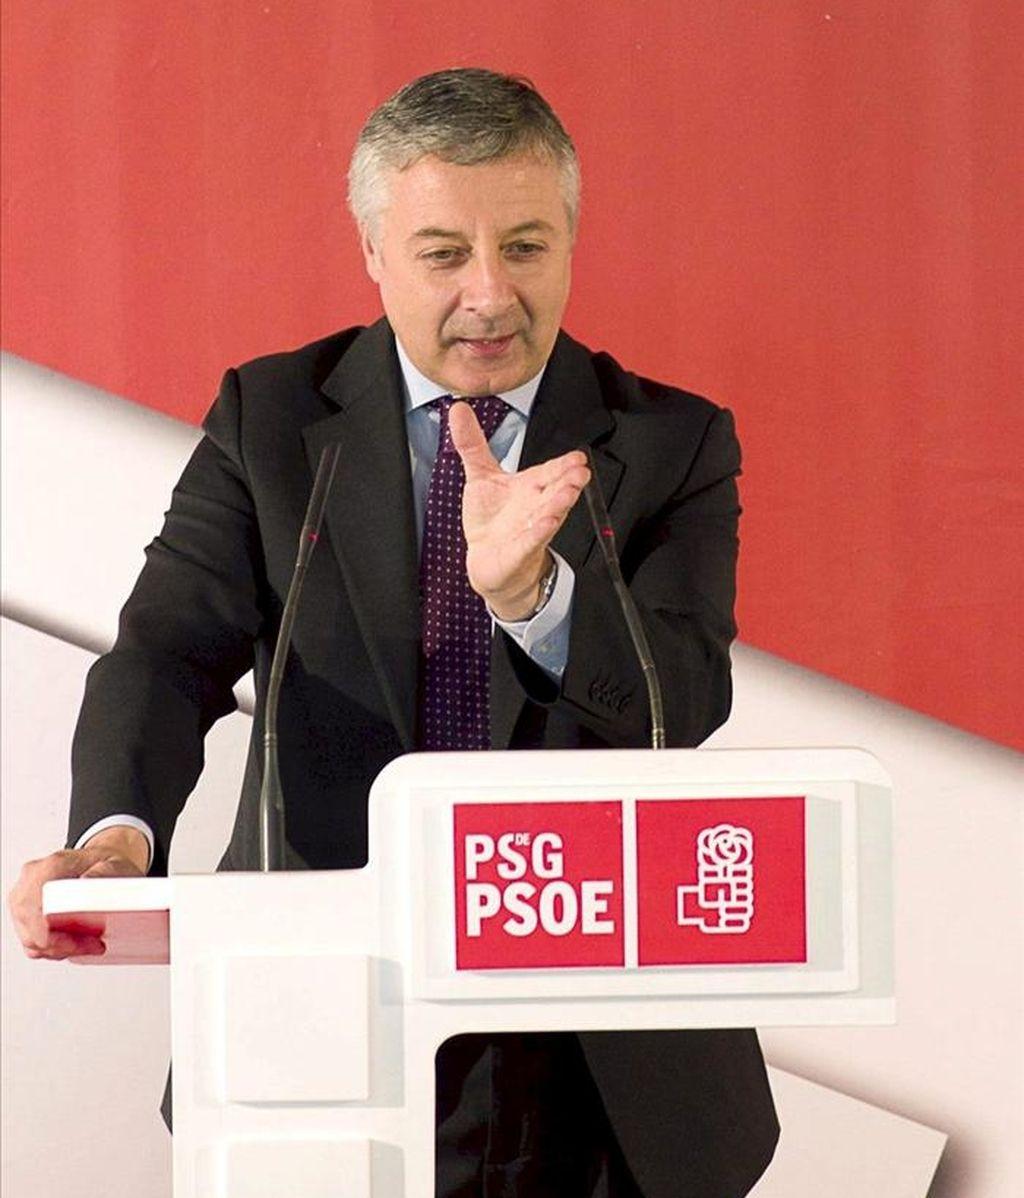 El vicesecretario del PSOE y ministro de Fomento, José Blanco, durante su intervención en un acto electoral en el municipio lucense de O Páramo. EFE